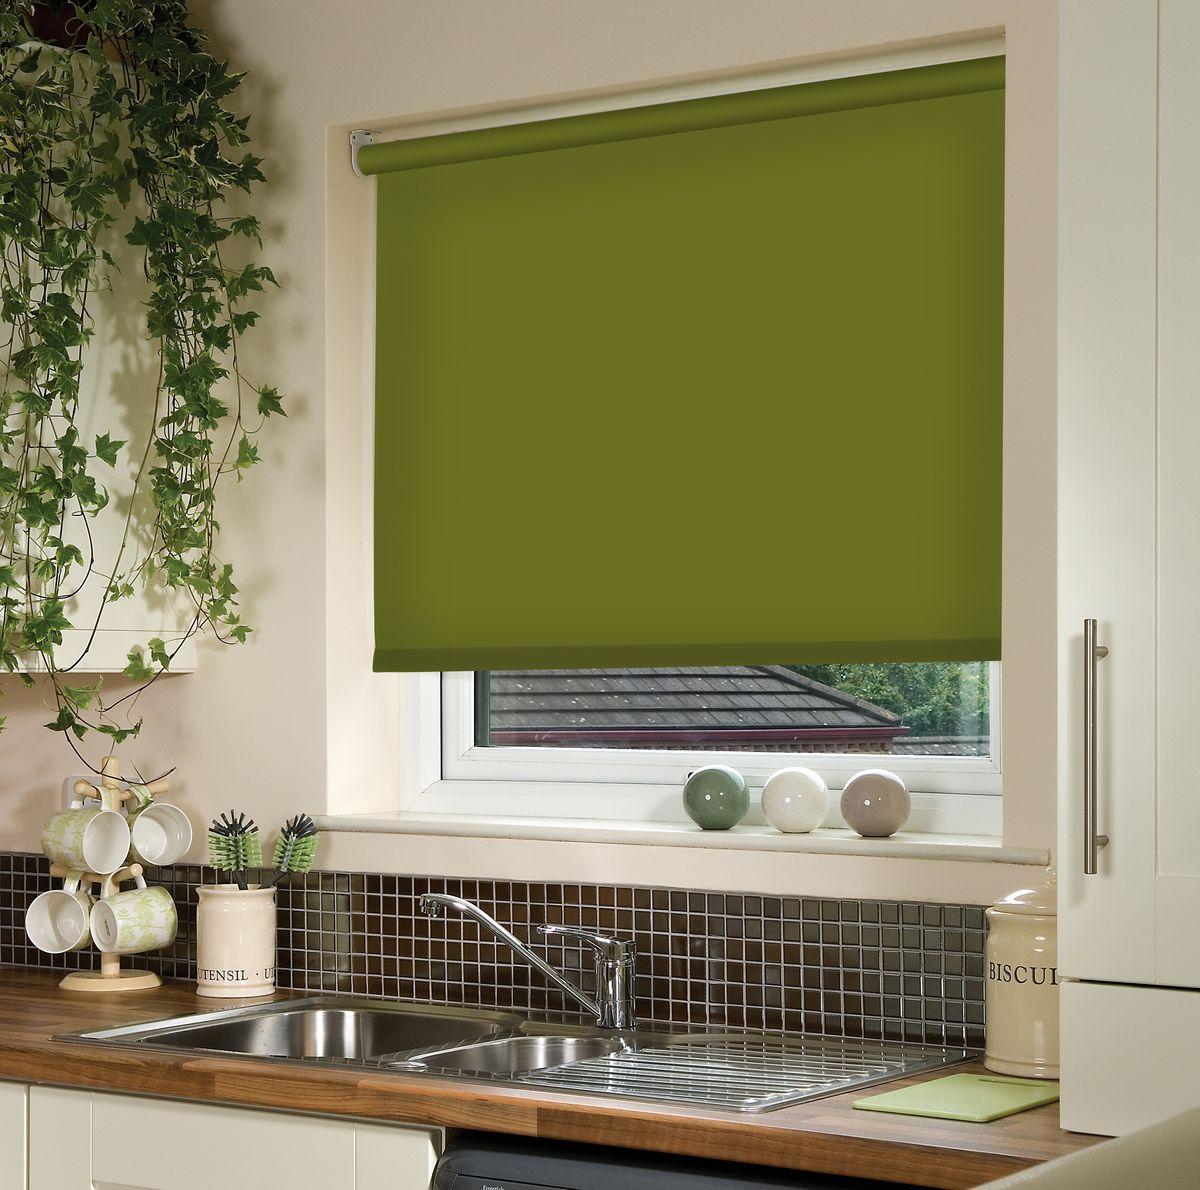 Штора рулонная Эскар Ролло. Однотонные, цвет: темно-оливковый, ширина 80 см, высота 170 см81018080170Рулонными шторами можно оформлять окна как самостоятельно, так и использовать в комбинации с портьерами. Это поможет предотвратить выгорание дорогой ткани на солнце и соединит функционал рулонных с красотой навесных.Преимущества применения рулонных штор для пластиковых окон:- имеют прекрасный внешний вид: многообразие и фактурность материала изделия отлично смотрятся в любом интерьере; - многофункциональны: есть возможность подобрать шторы способные эффективно защитить комнату от солнца, при этом о на не будет слишком темной. - Есть возможность осуществить быстрый монтаж. ВНИМАНИЕ! Размеры ширины изделия указаны по ширине ткани!Во время эксплуатации не рекомендуется полностью разматывать рулон, чтобы не оторвать ткань от намоточного вала.В случае загрязнения поверхности ткани, чистку шторы проводят одним из способов, в зависимости от типа загрязнения: легкое поверхностное загрязнение можно удалить при помощи канцелярского ластика; чистка от пыли производится сухим методом при помощи пылесоса с мягкой щеткой-насадкой; для удаления пятна используйте мягкую губку с пенообразующим неагрессивным моющим средством или пятновыводитель на натуральной основе (нельзя применять растворители).